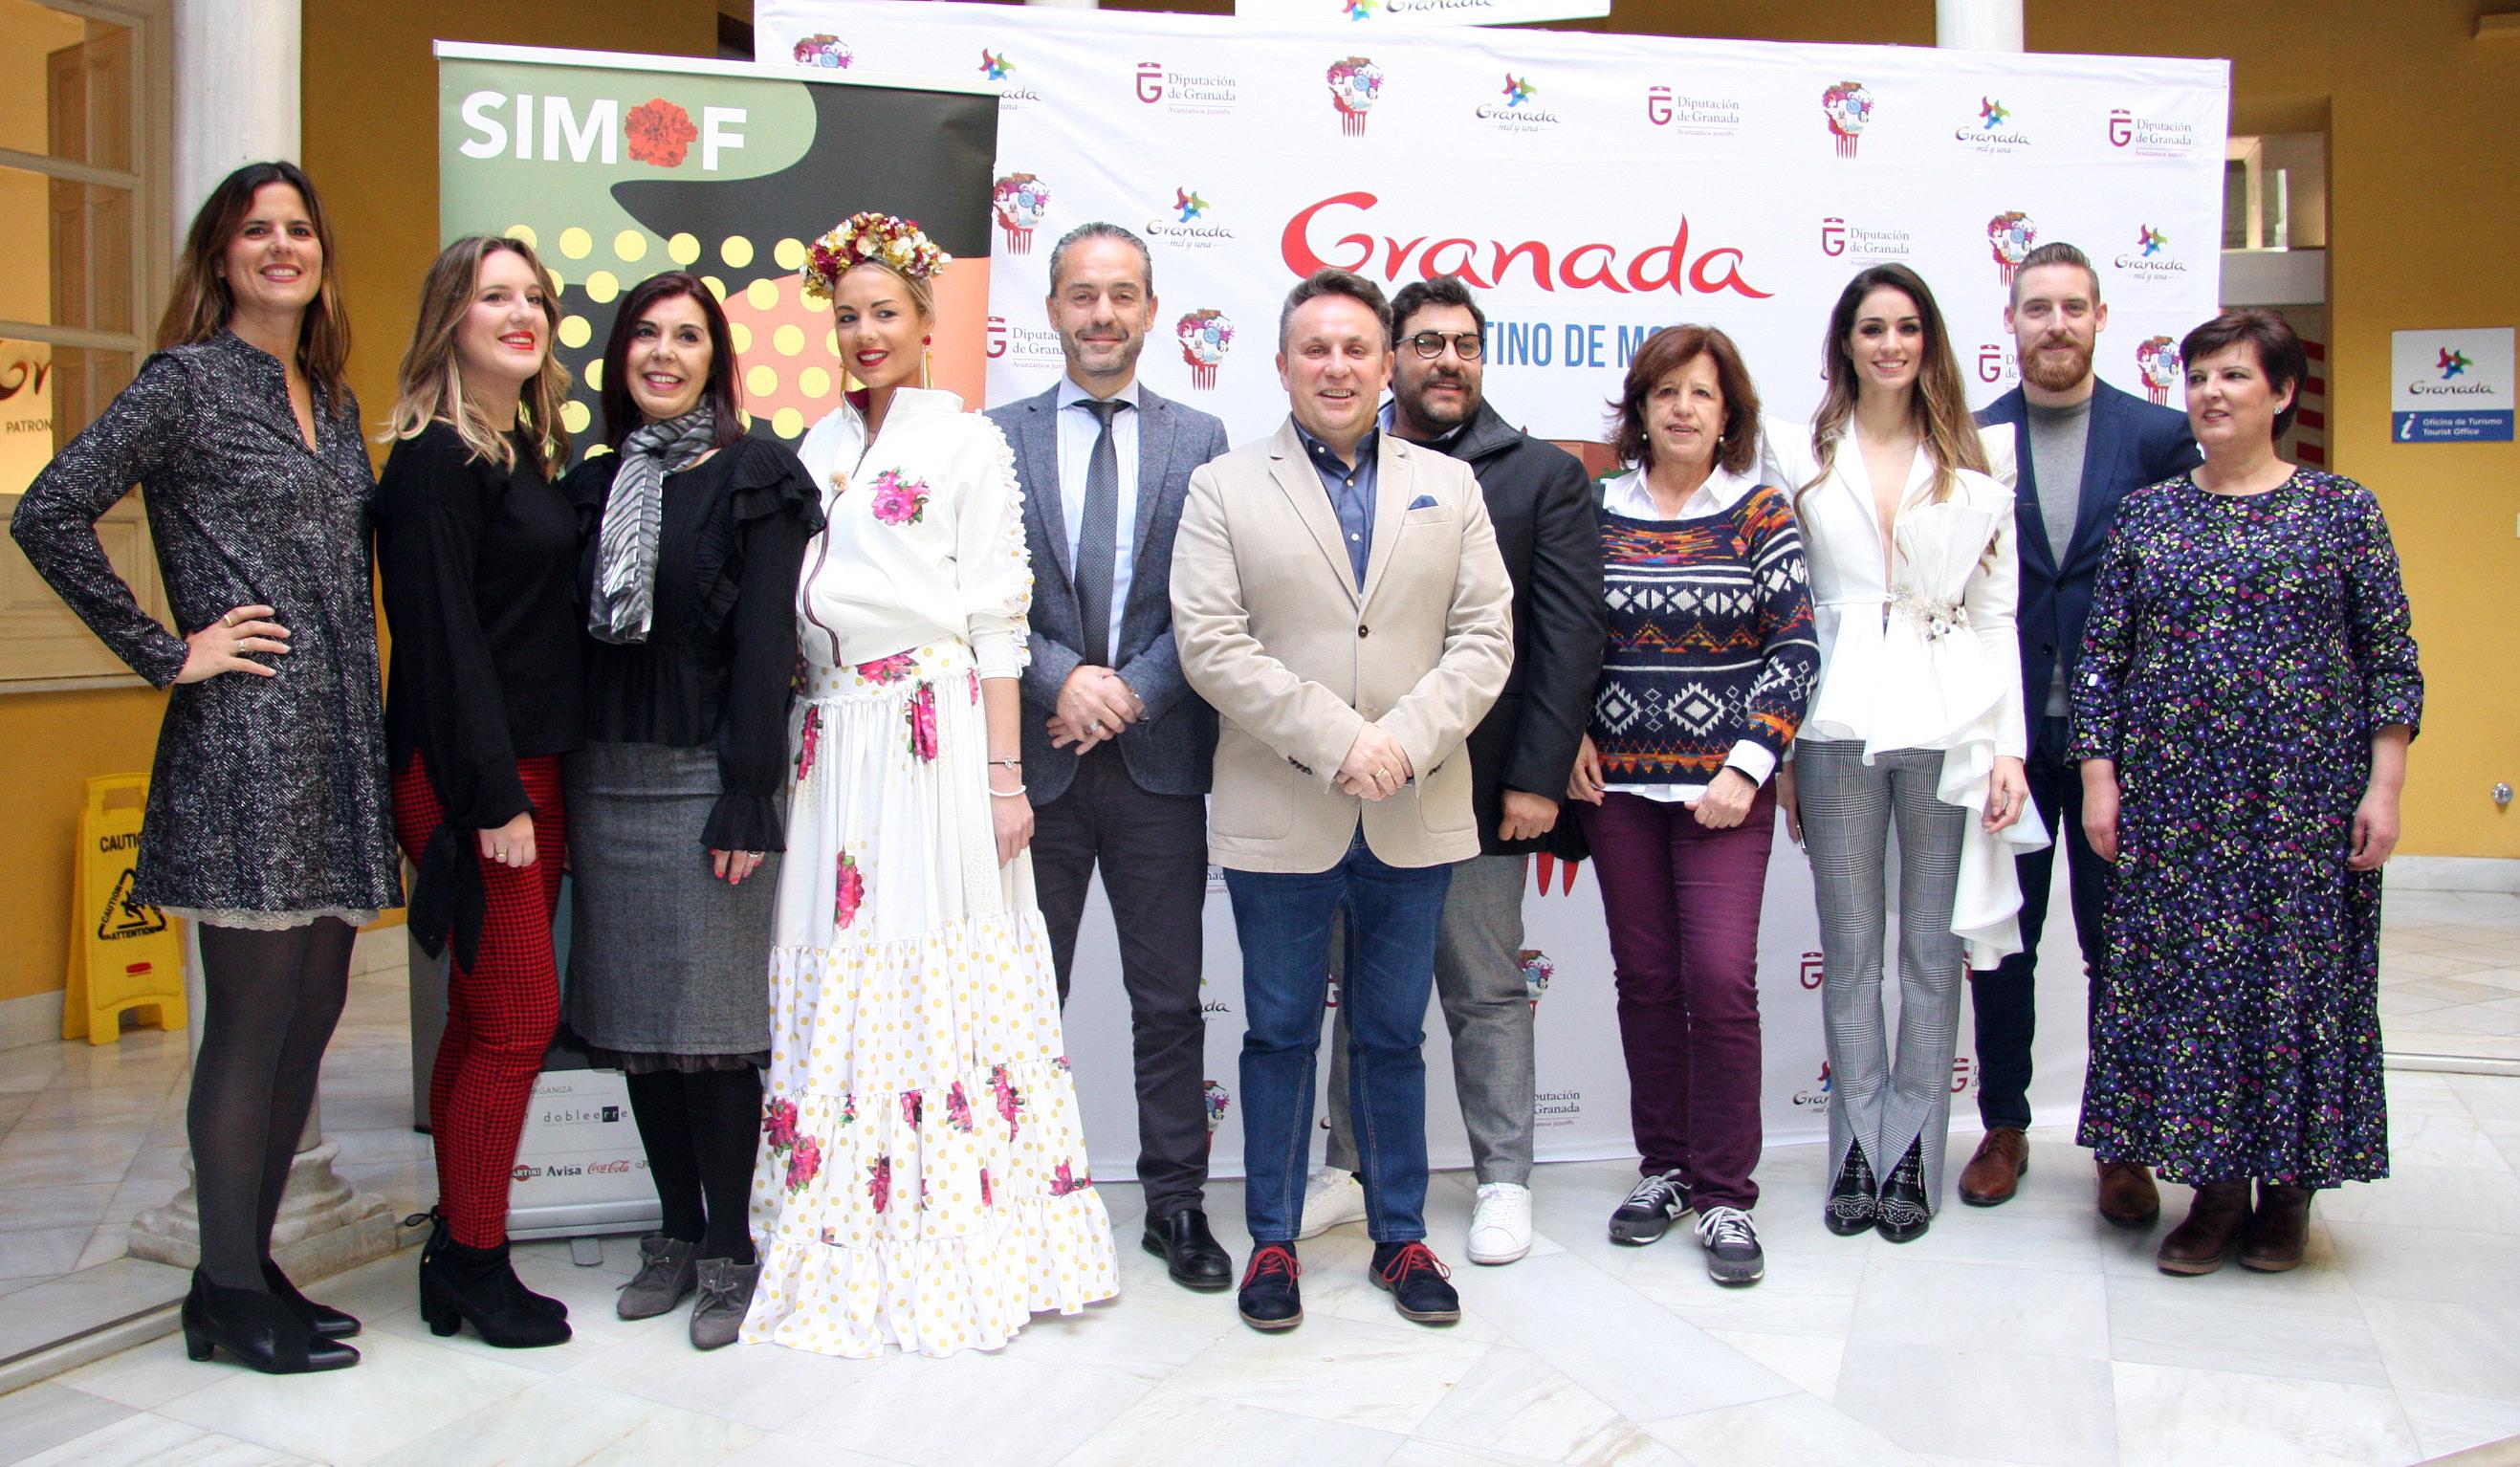 Granada «estará» de moda durante SIMOF 2020